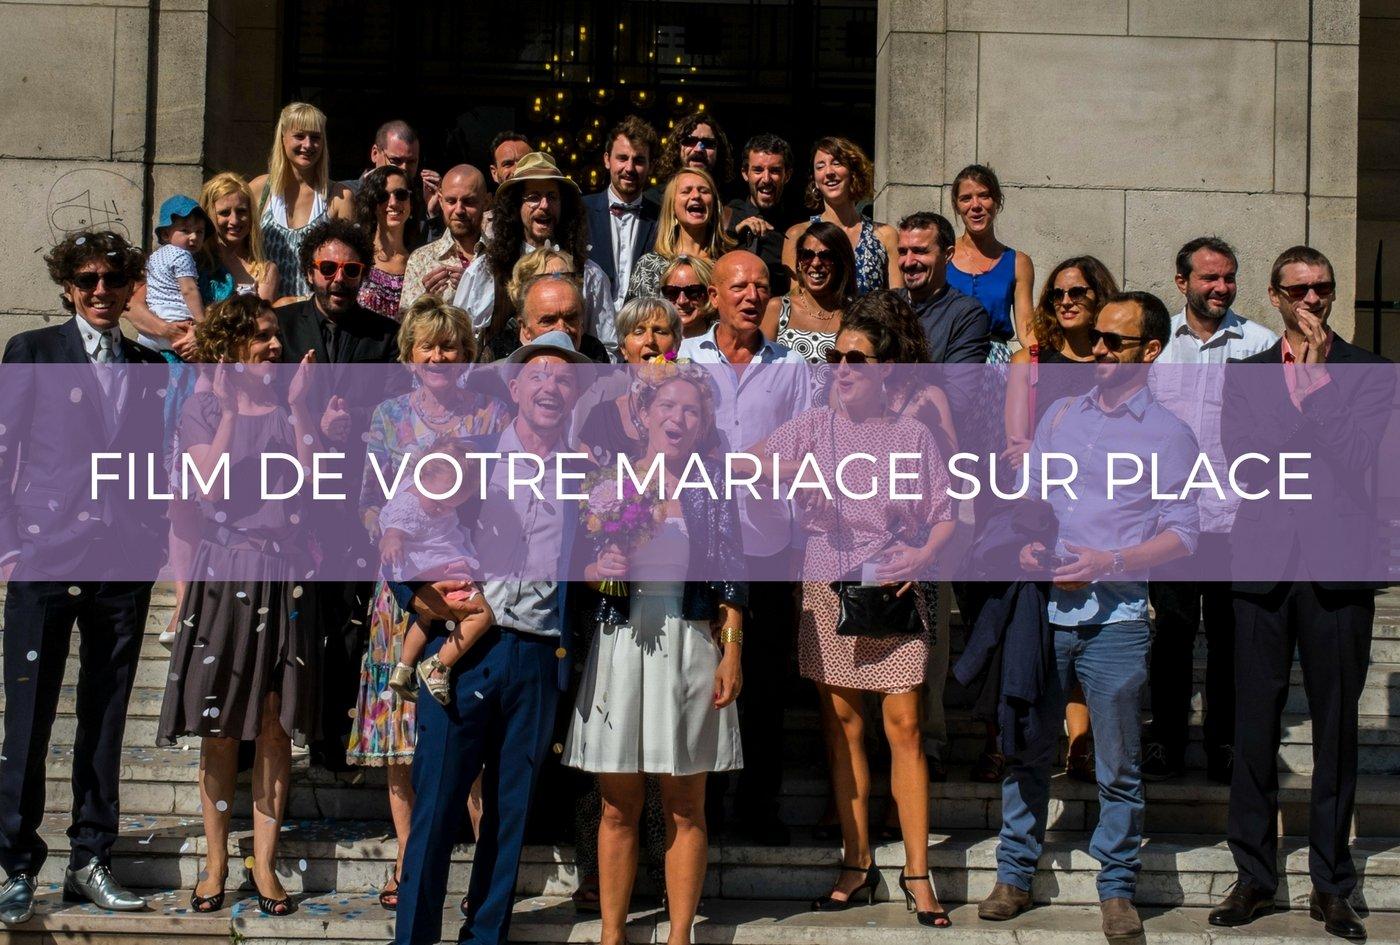 idée cadeau mariage cadeau vidéo mariage souvenir film inoubliable